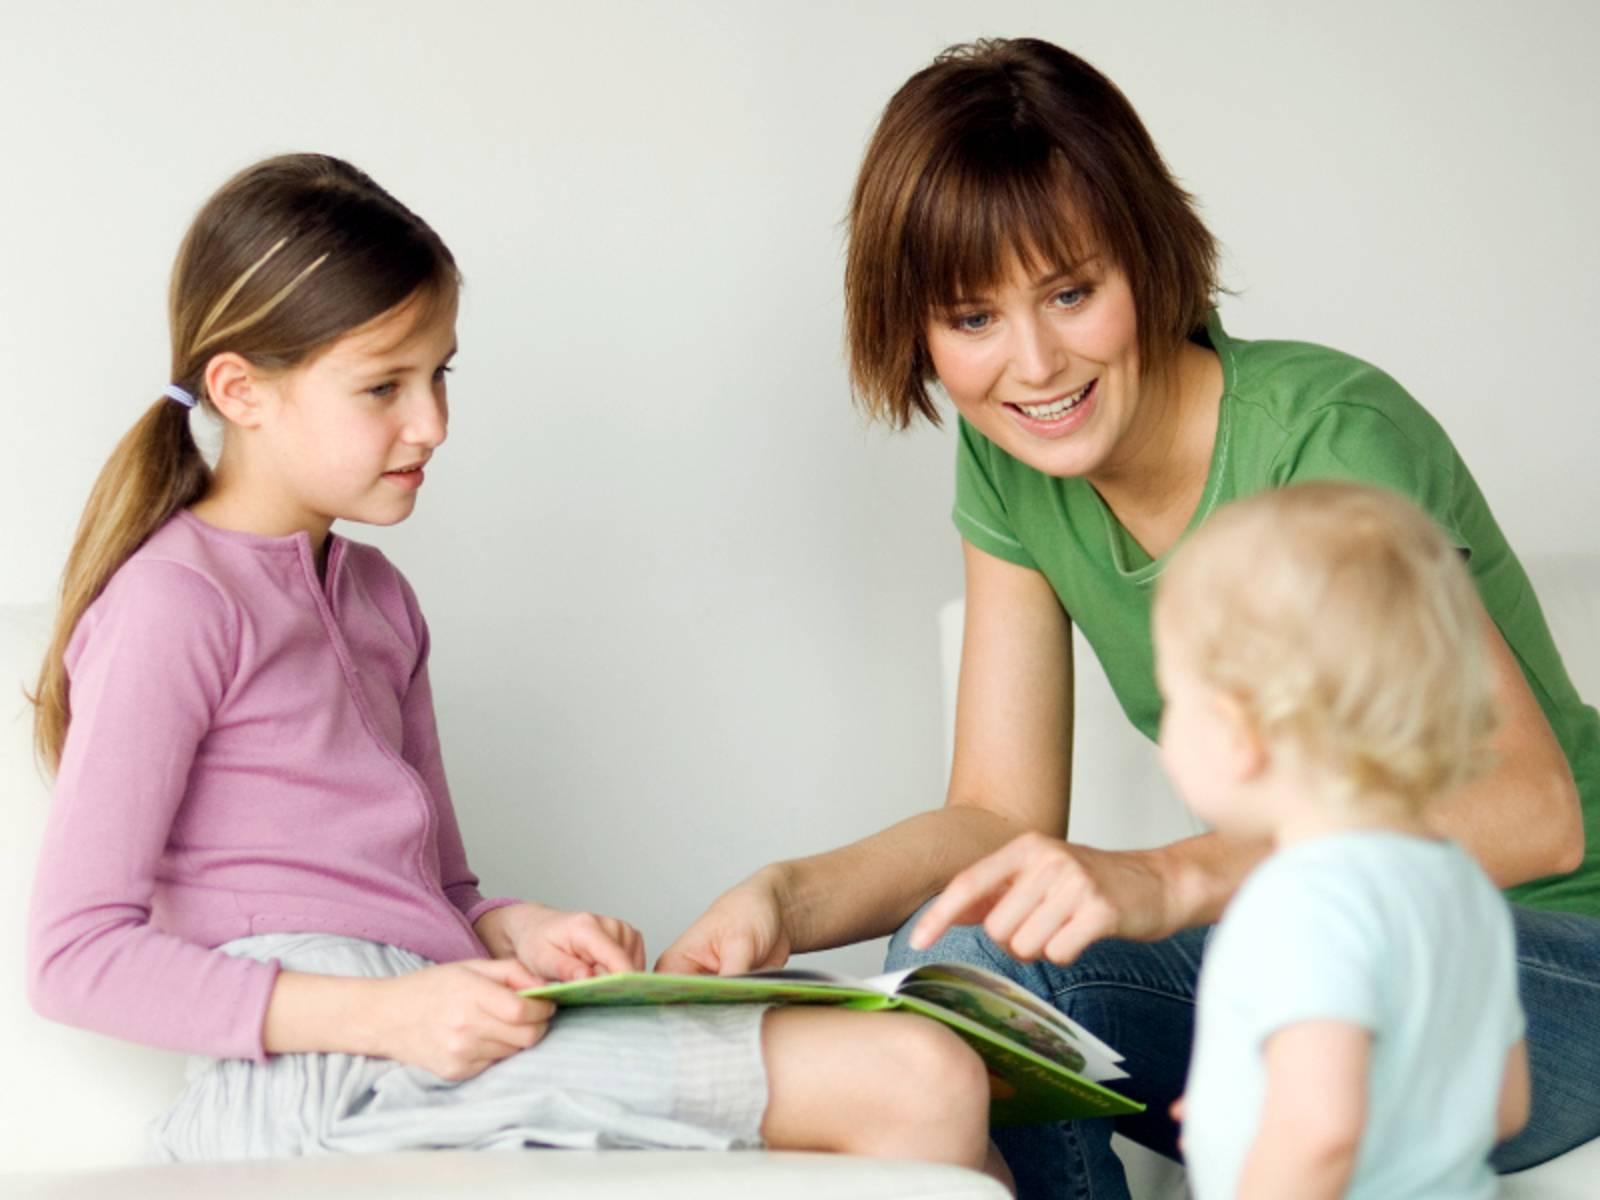 Eine erwachsense Frau schaut sich gemeinsam mit einem Mädchen ein Bilderbuch an, sie sitzen dabei. Ein Kleindkind steht vor den beiden Sitzenden.